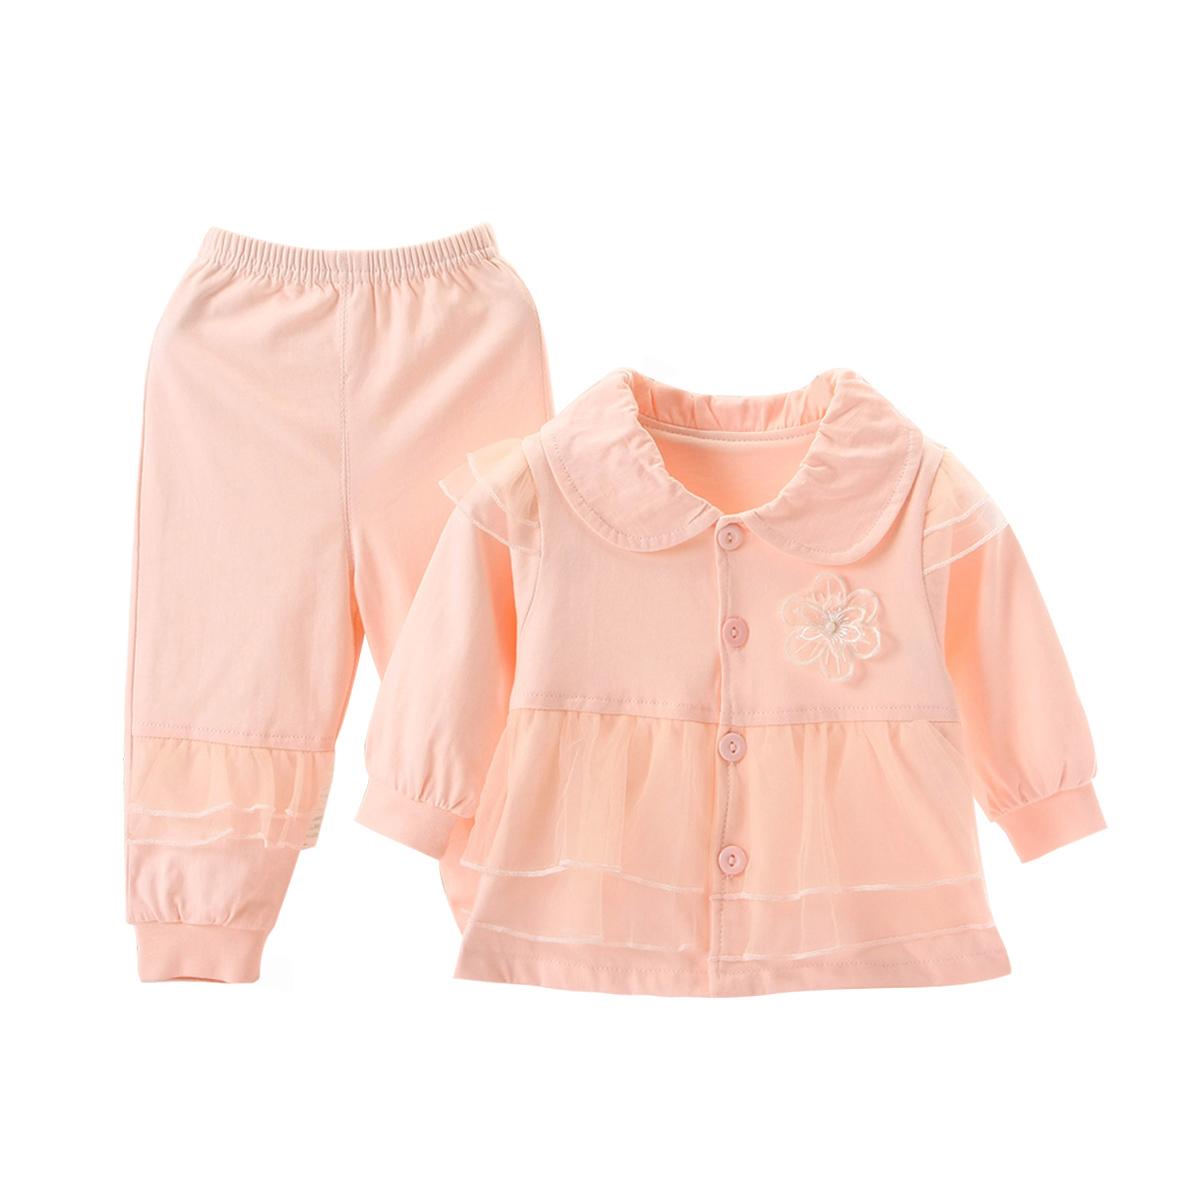 婴儿秋季套装女宝宝双层纯棉外套公主风薄款6个月衣服1岁洋气套装